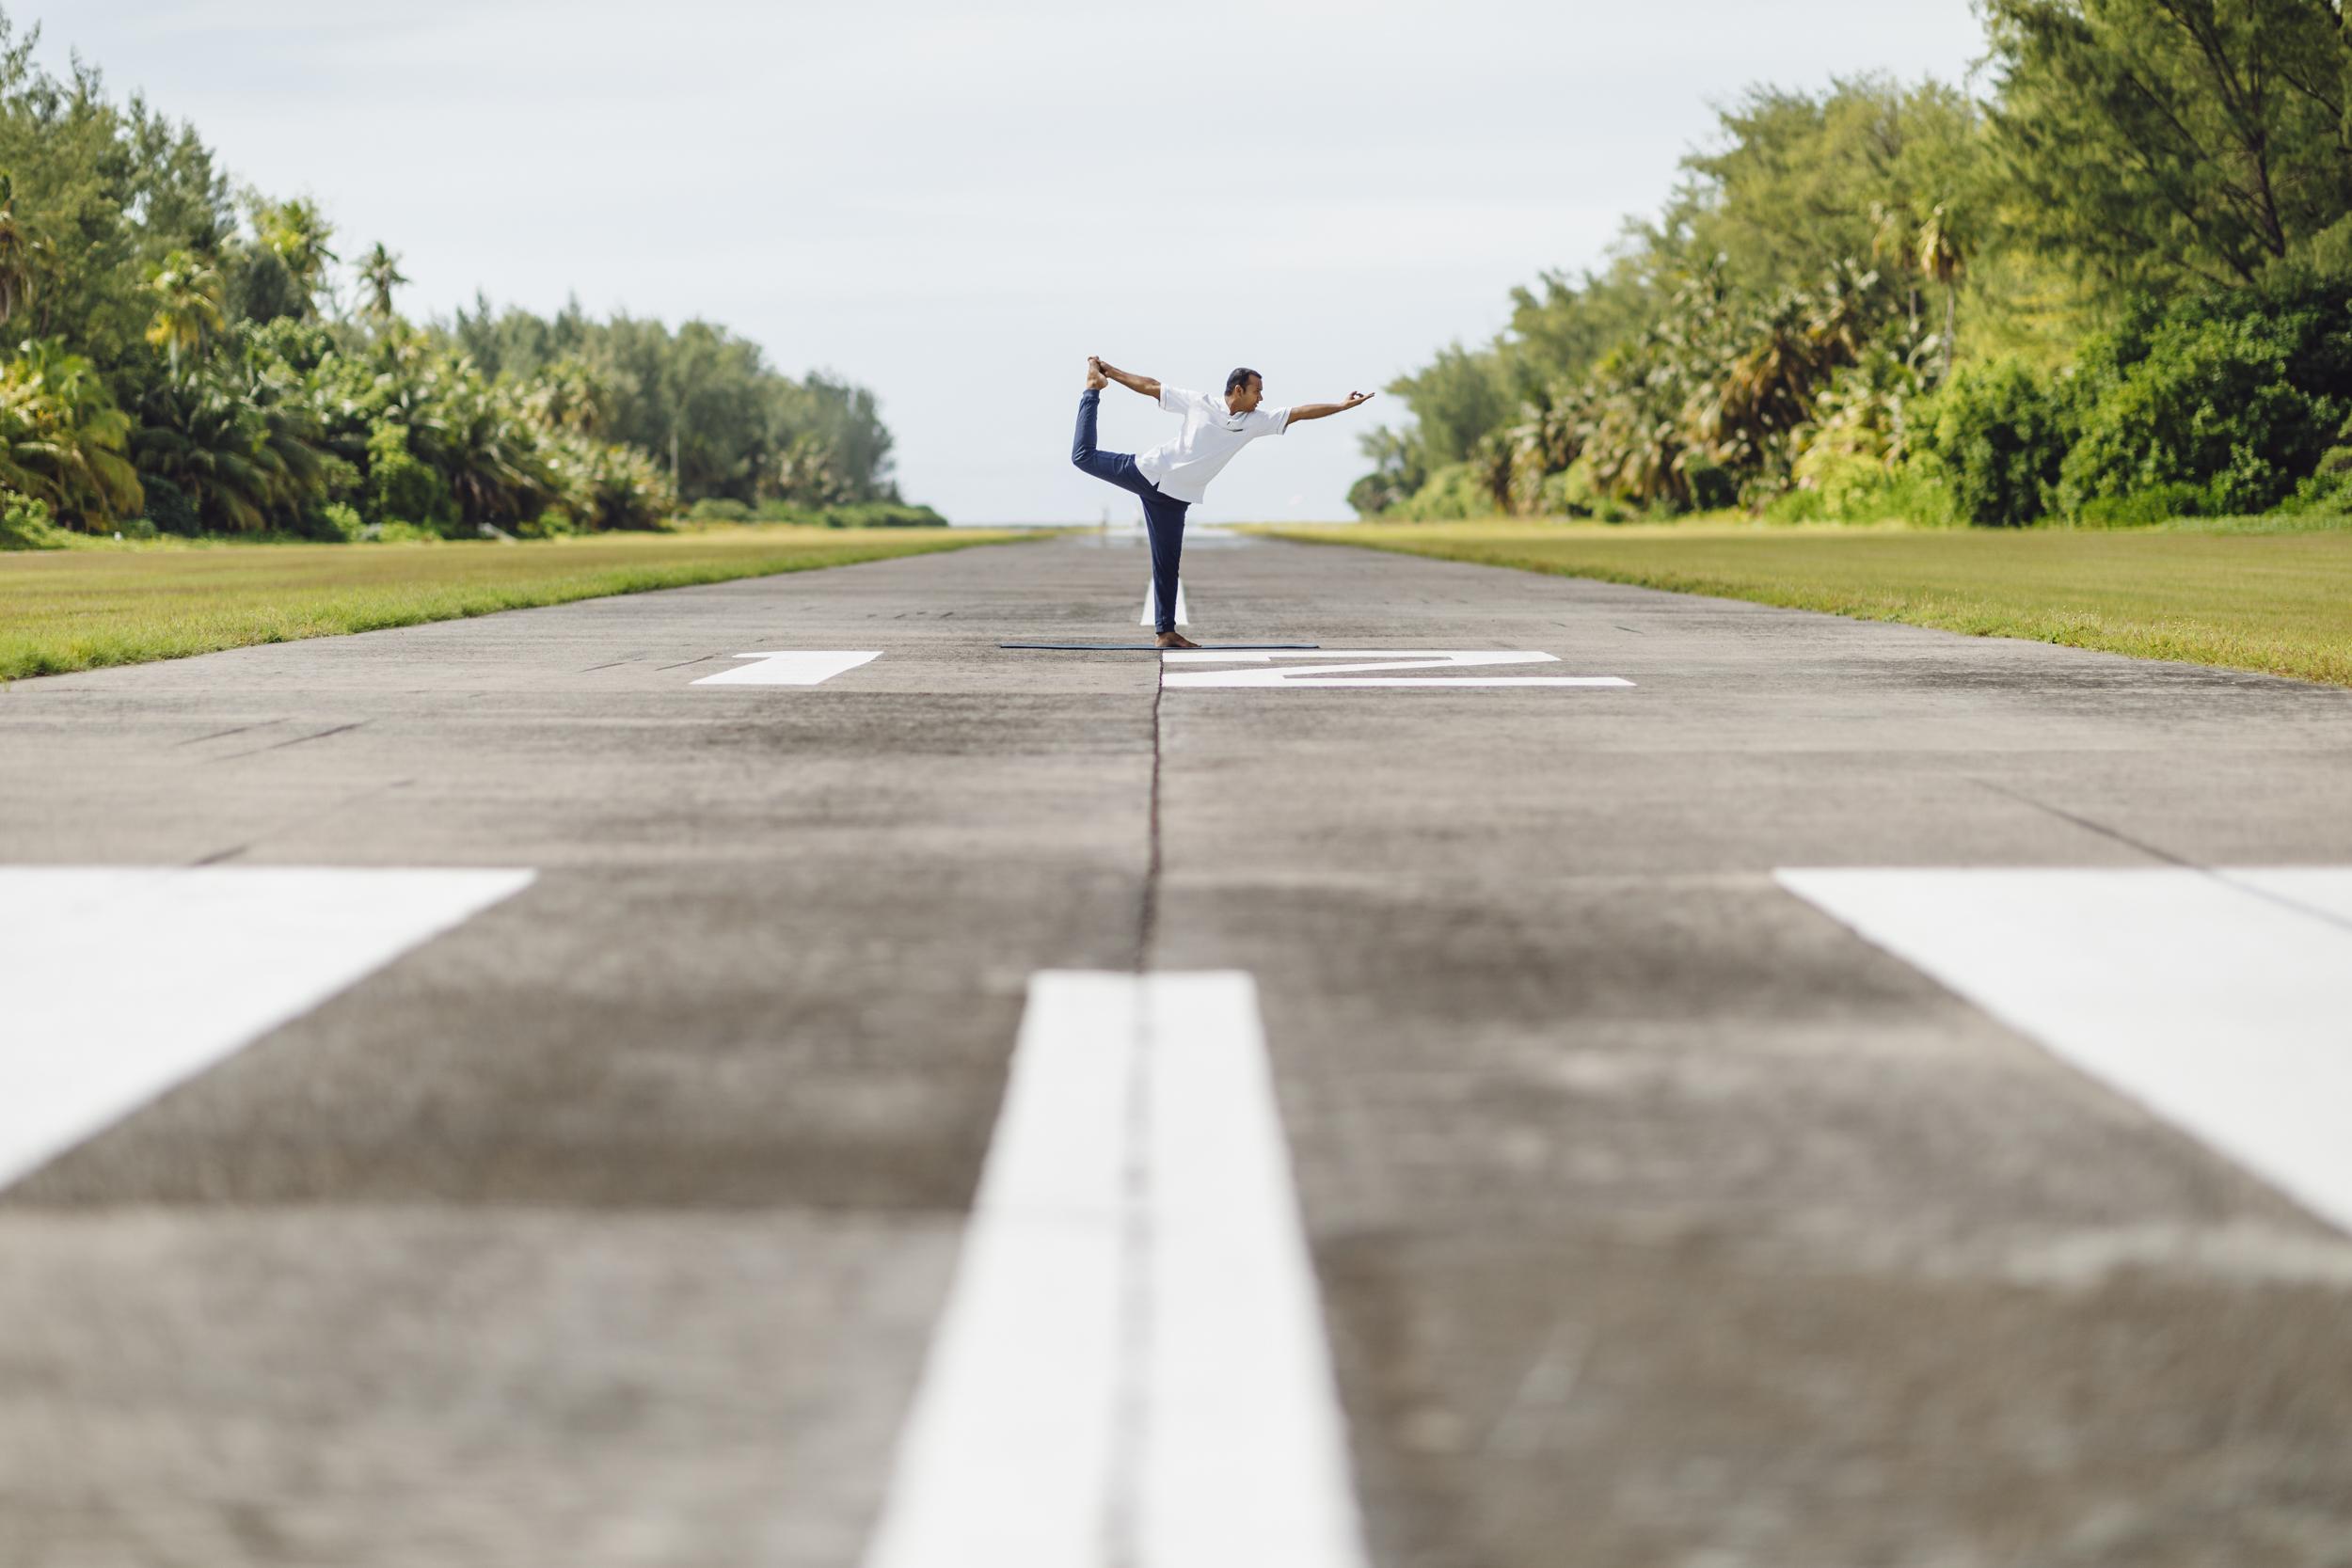 FS Desroches - Runway Yoga - 2500px-2.jpg